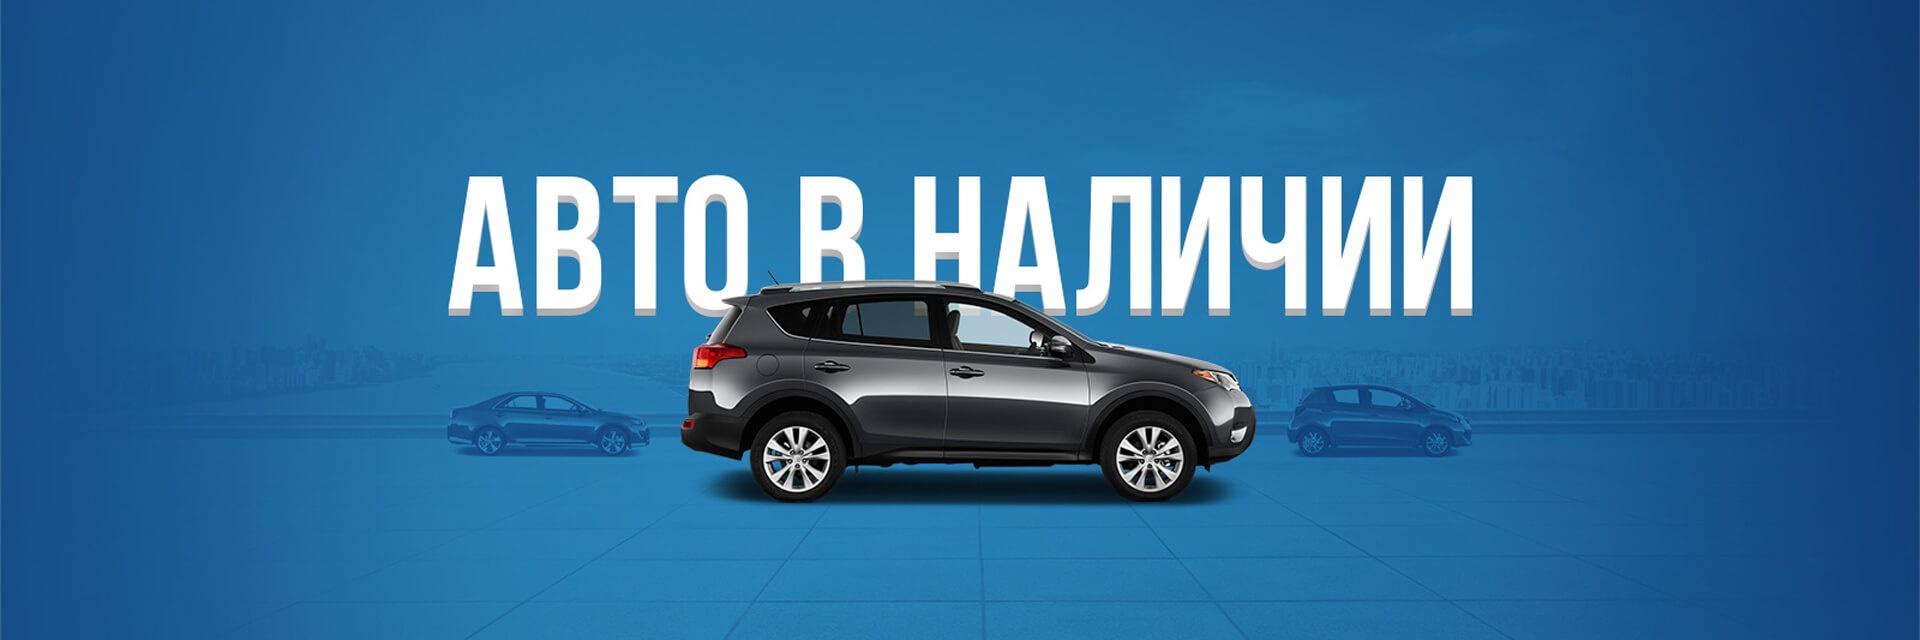 Объявления о продаже автомобилей в Краснодаре.